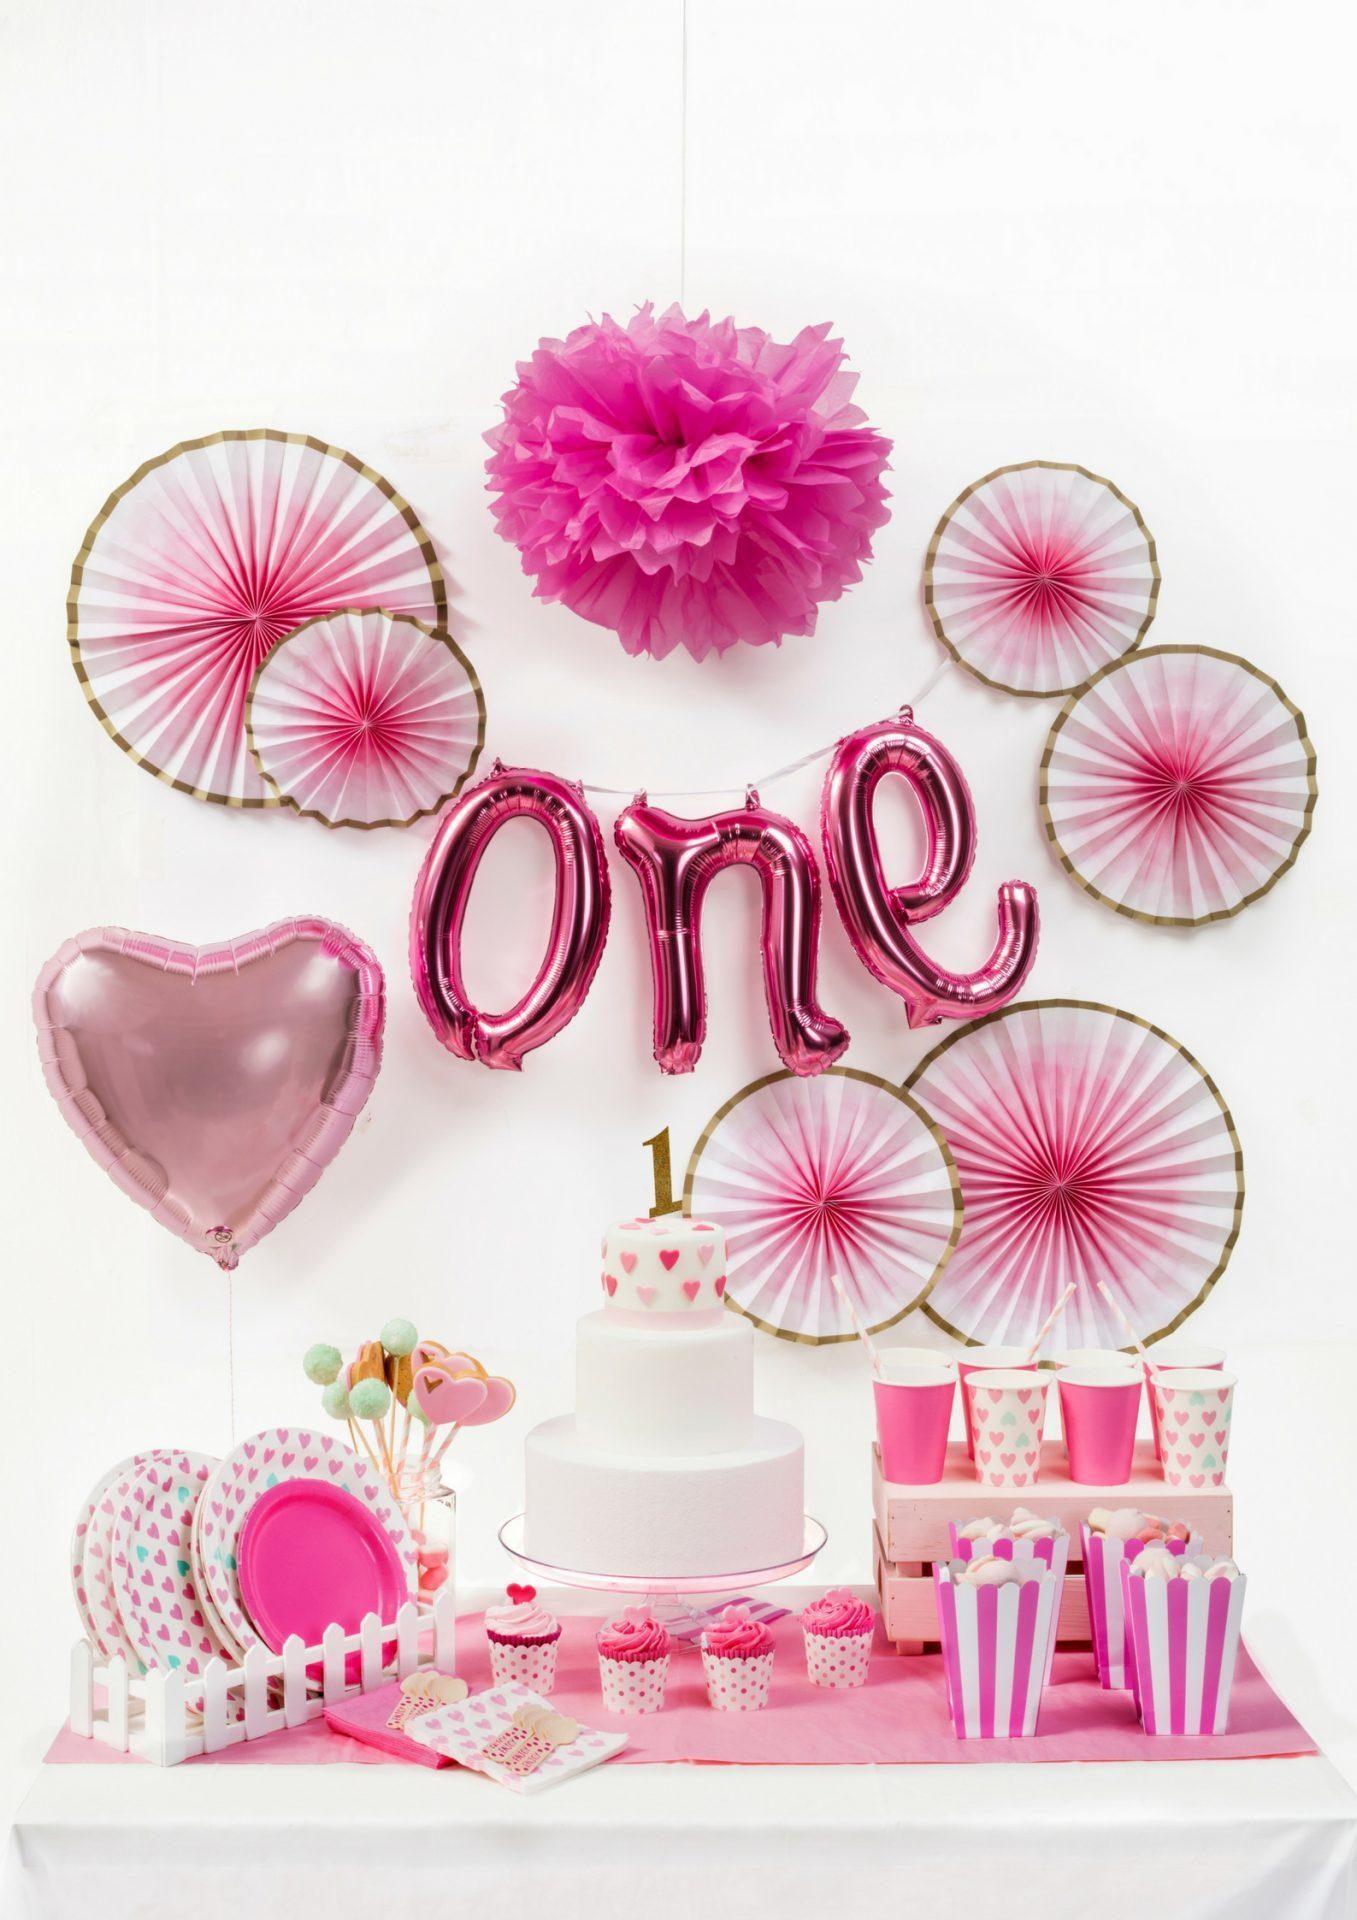 Addobbi Compleanno 1 Anno